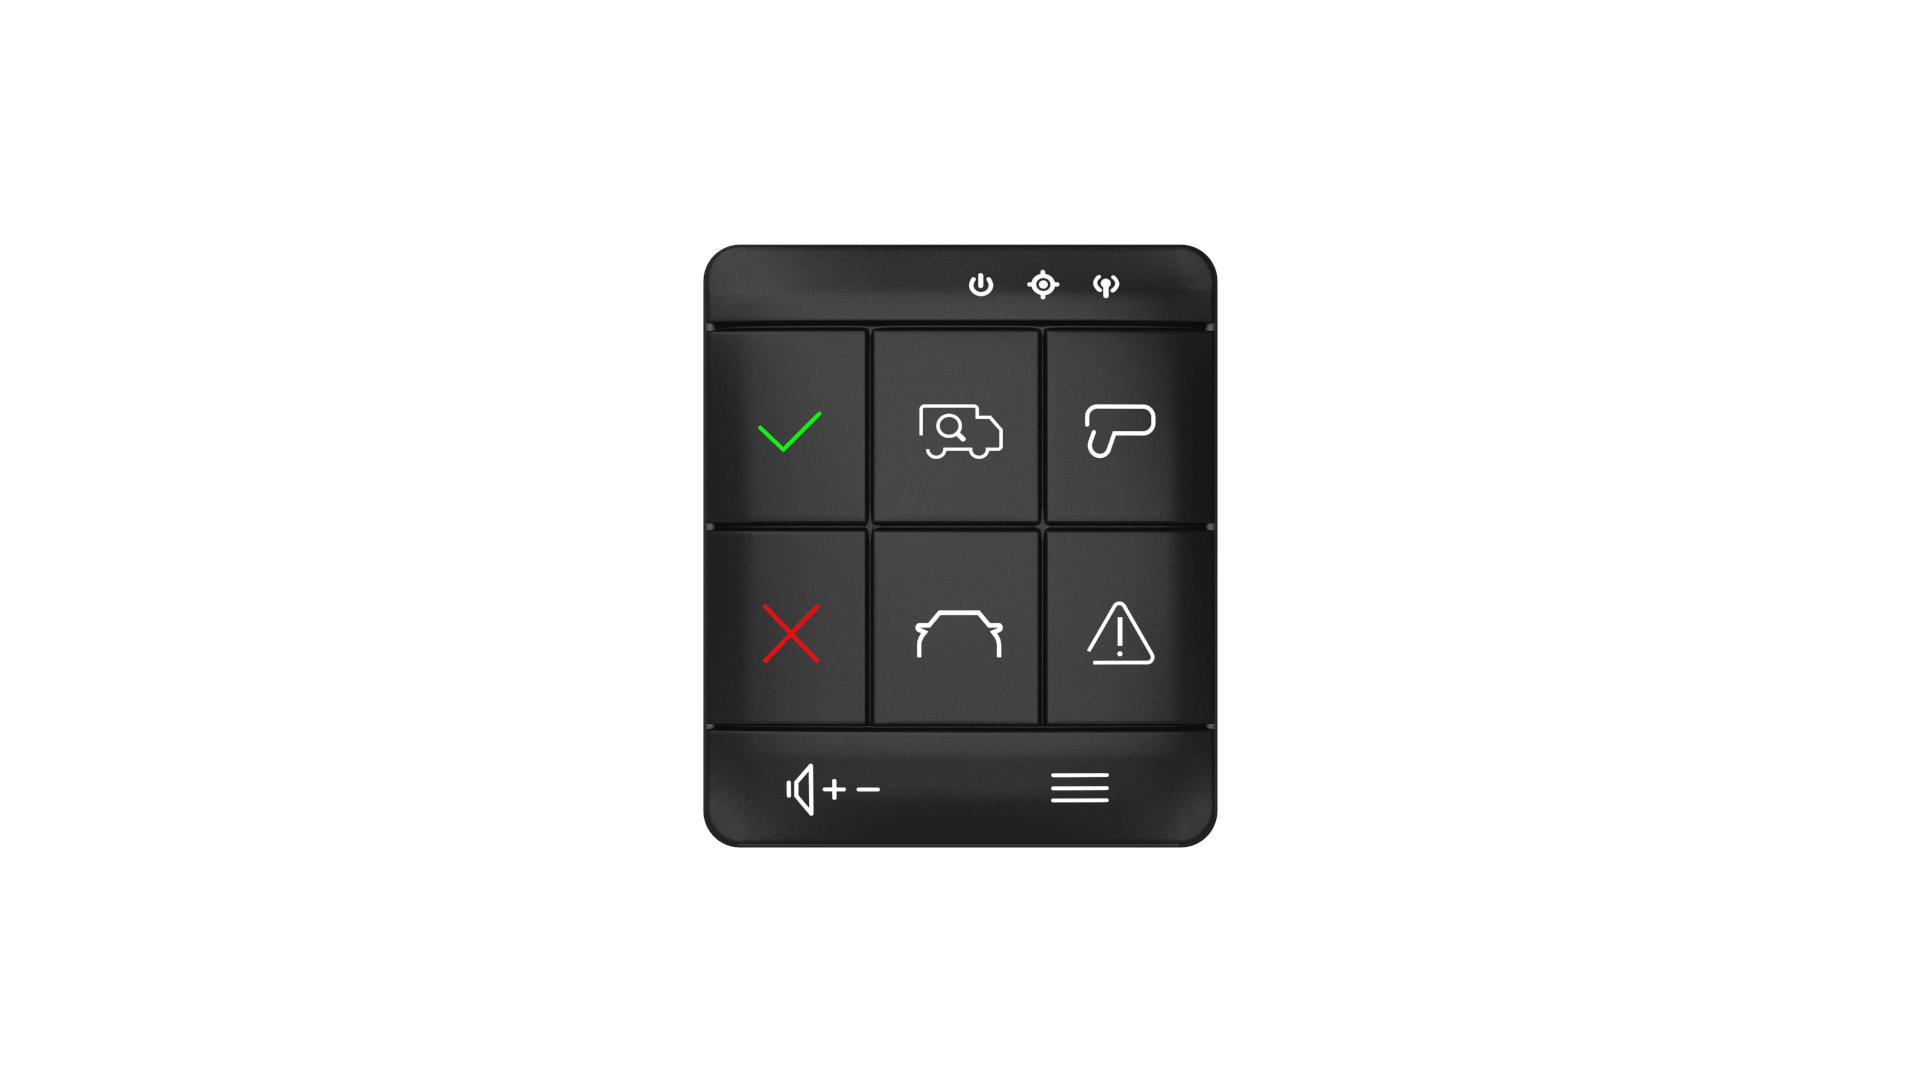 Yanosik dostaje poprawkê nawigacji, a sama aplikacja dostêpna bêdzie na Android Auto